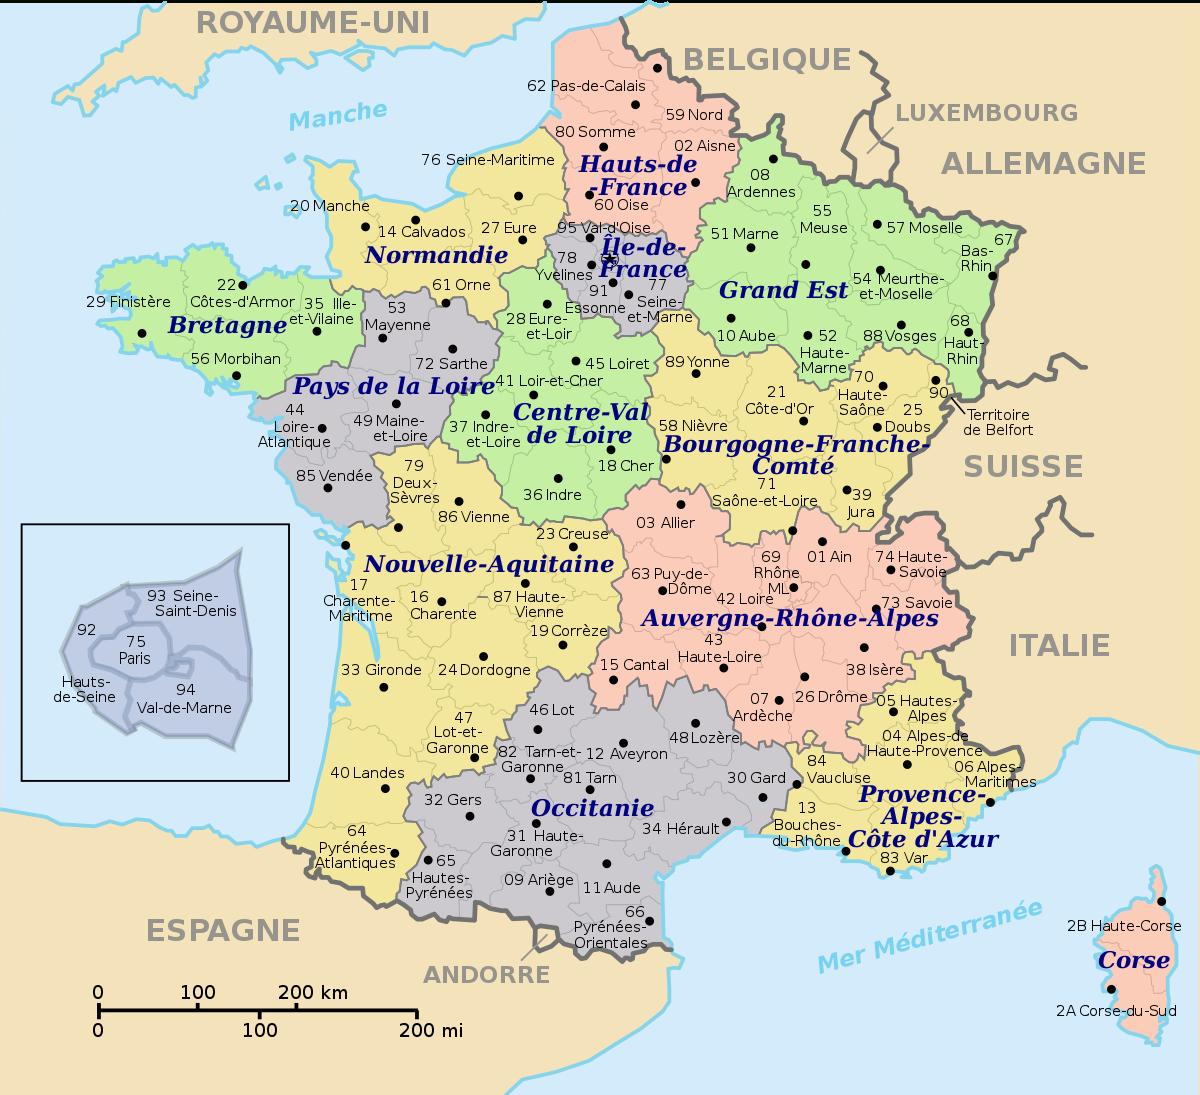 Numérotation Des Départements Français — Wikipédia à Ile De France Département Numéro